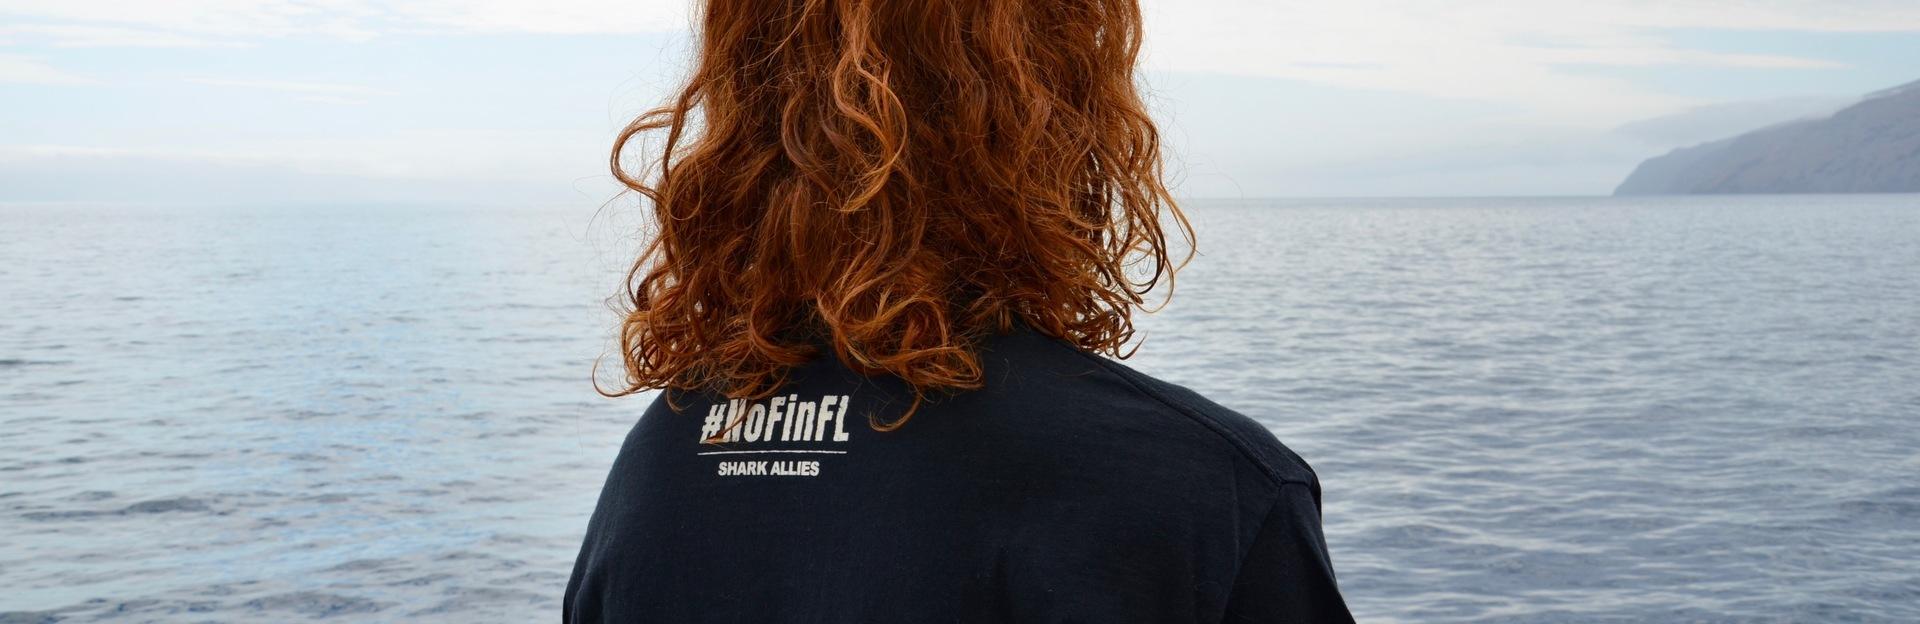 Shark Allies #NoFinFL Store